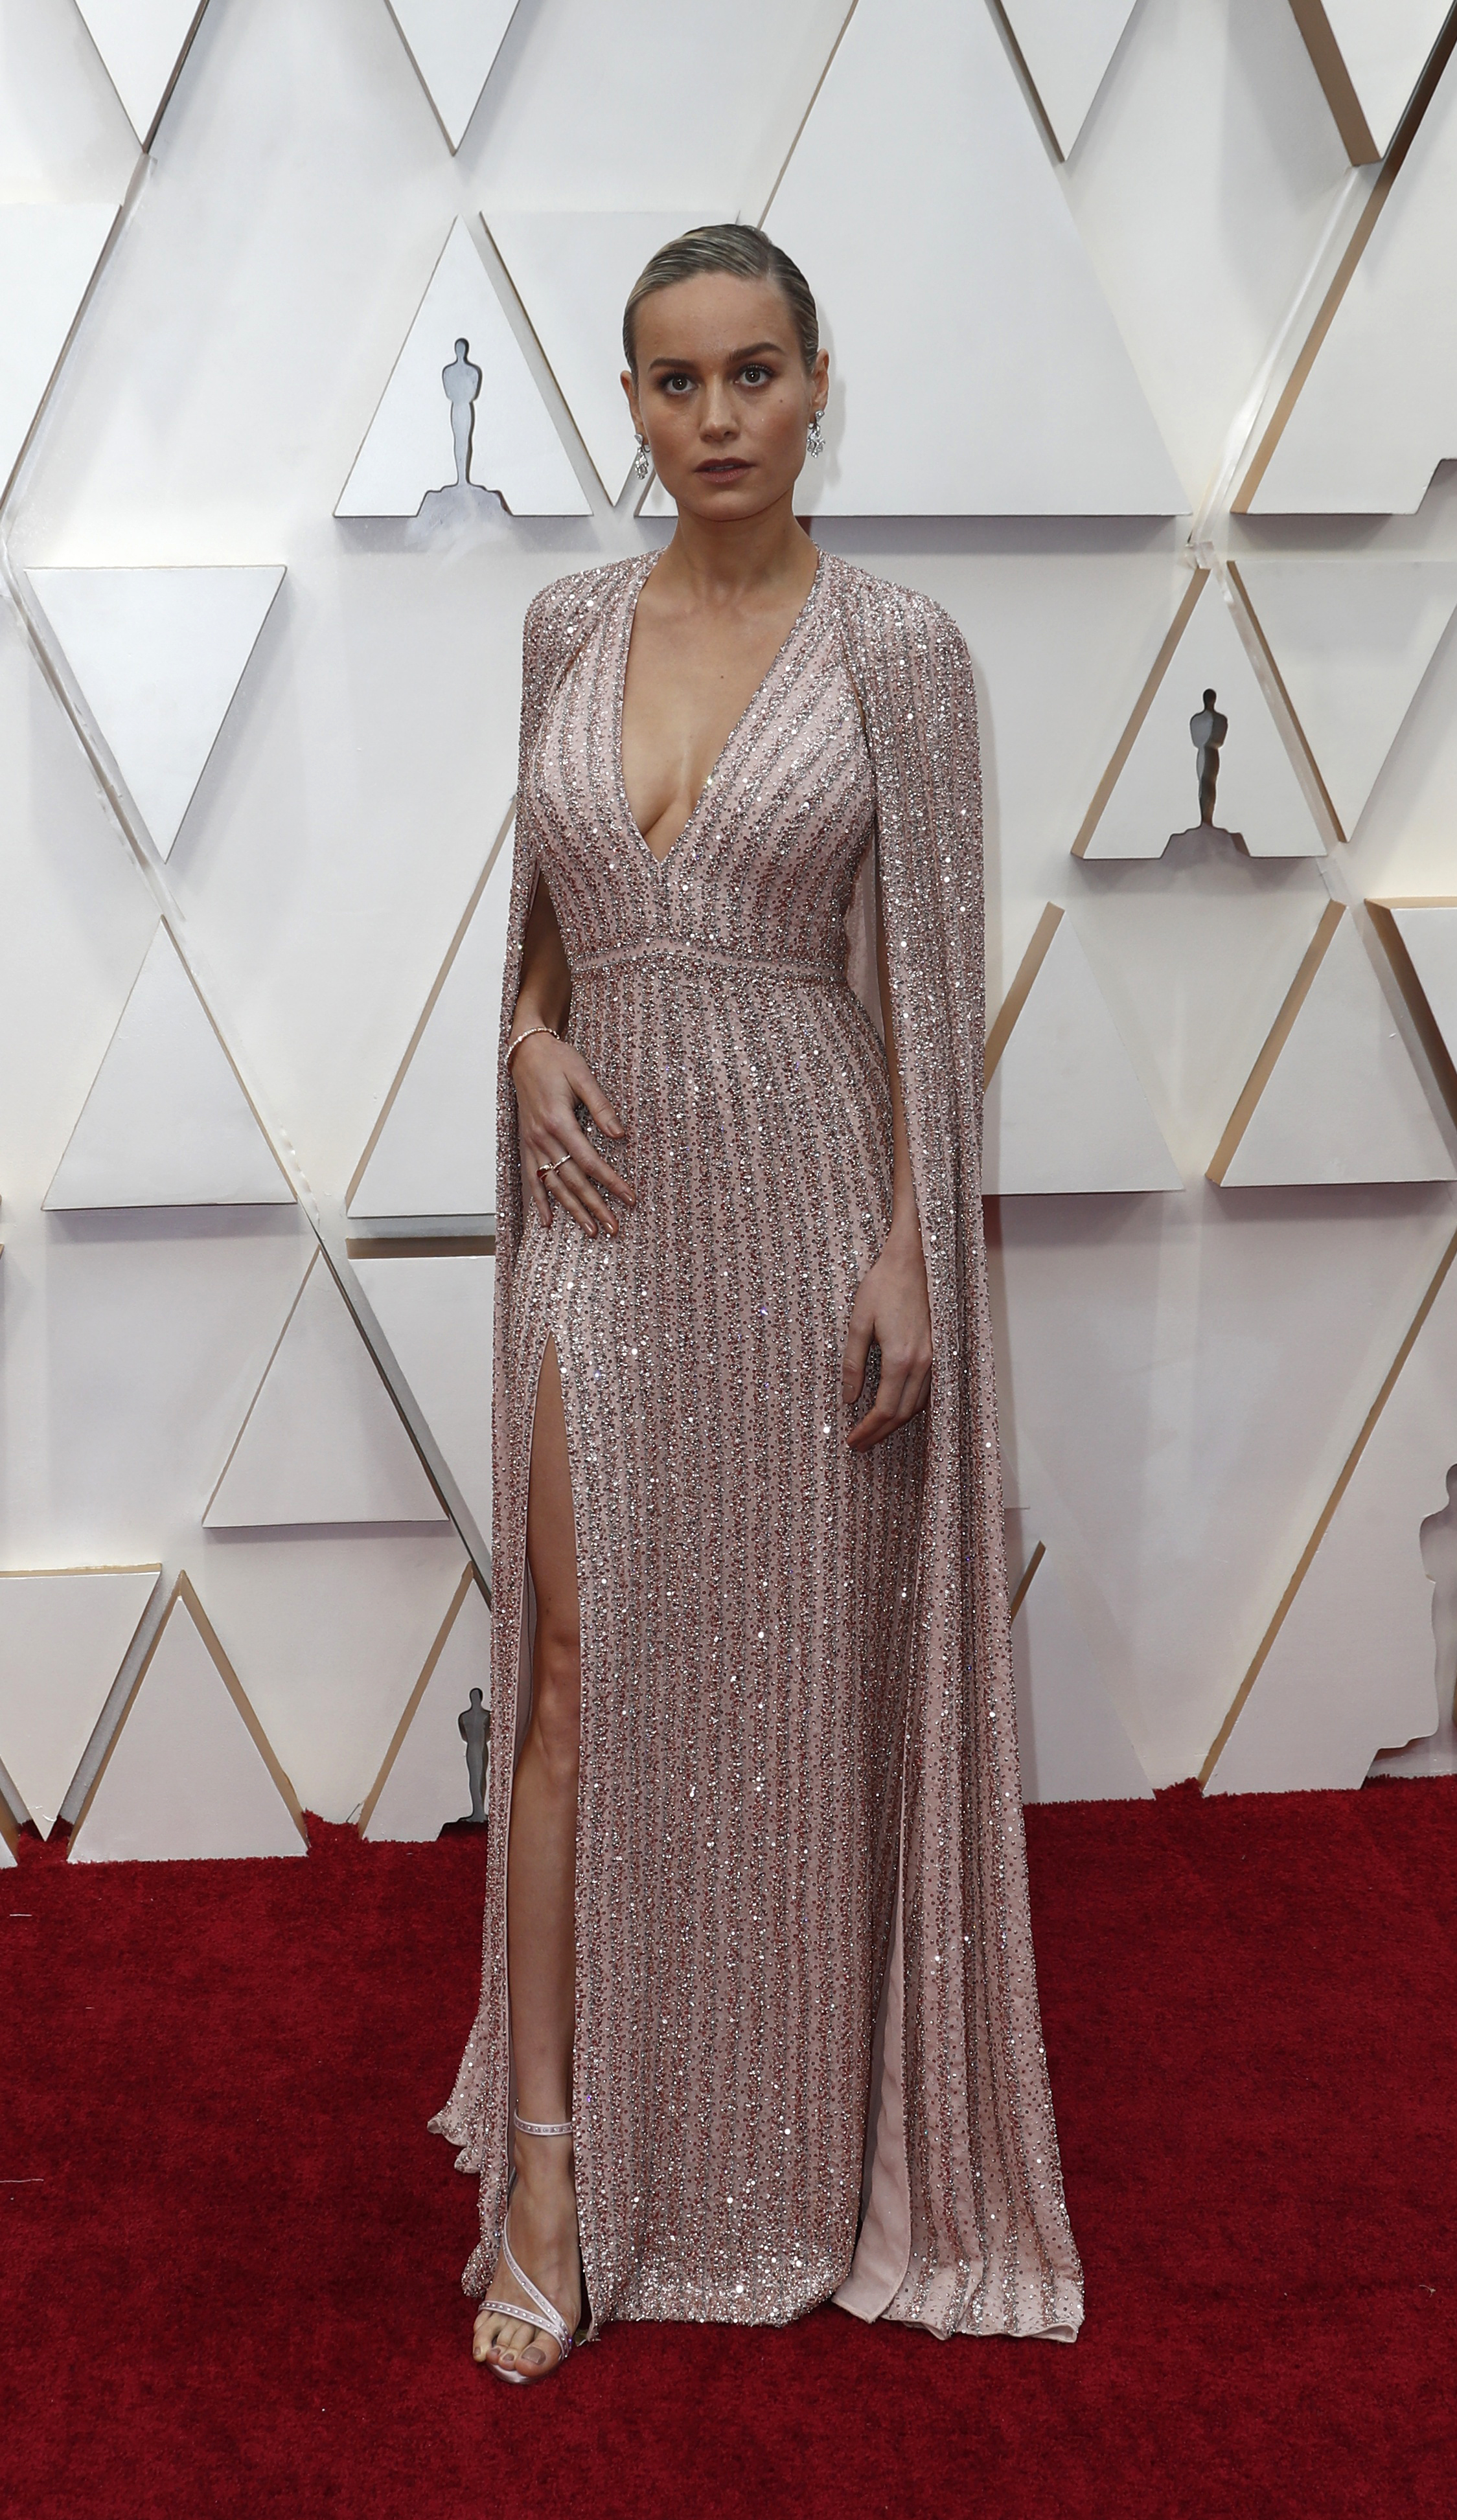 Con un diseño íntegramente bordado con brillantes en color rosa, Brie Larson sorprendió con su pieza joya que tiene un gran escote V, tajo y una capa. Completó el atuendo elegido con sandalias de pulsera y el peinado para los Oscars, un